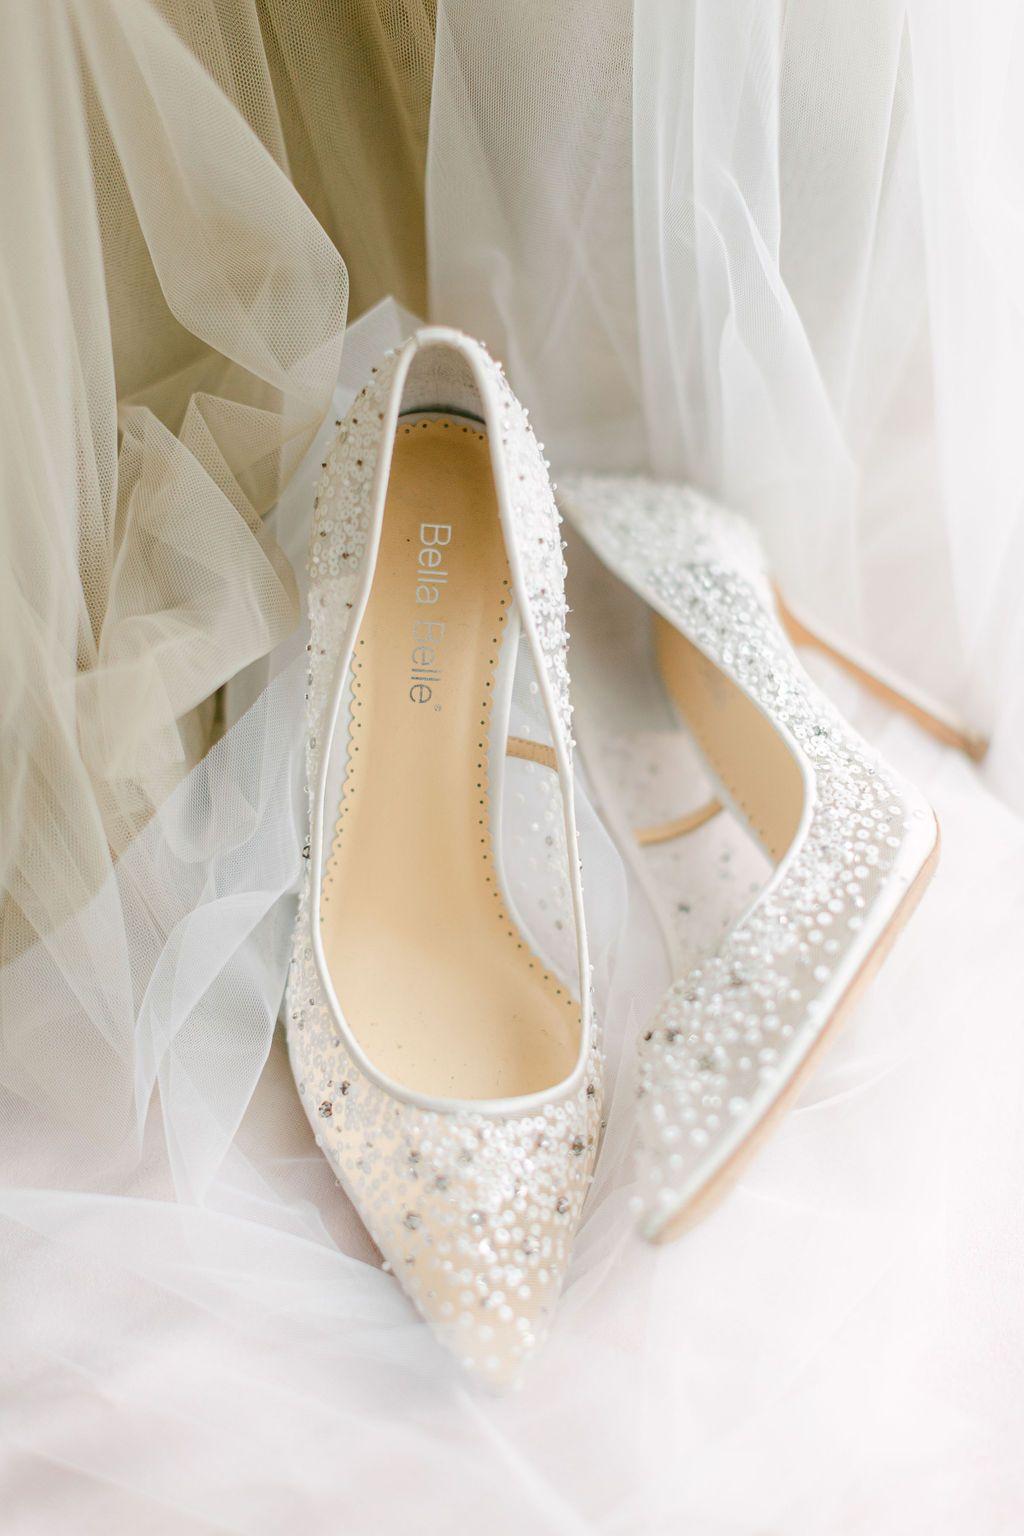 Cinderella Sparkly Wedding Shoes | Princess Wedding